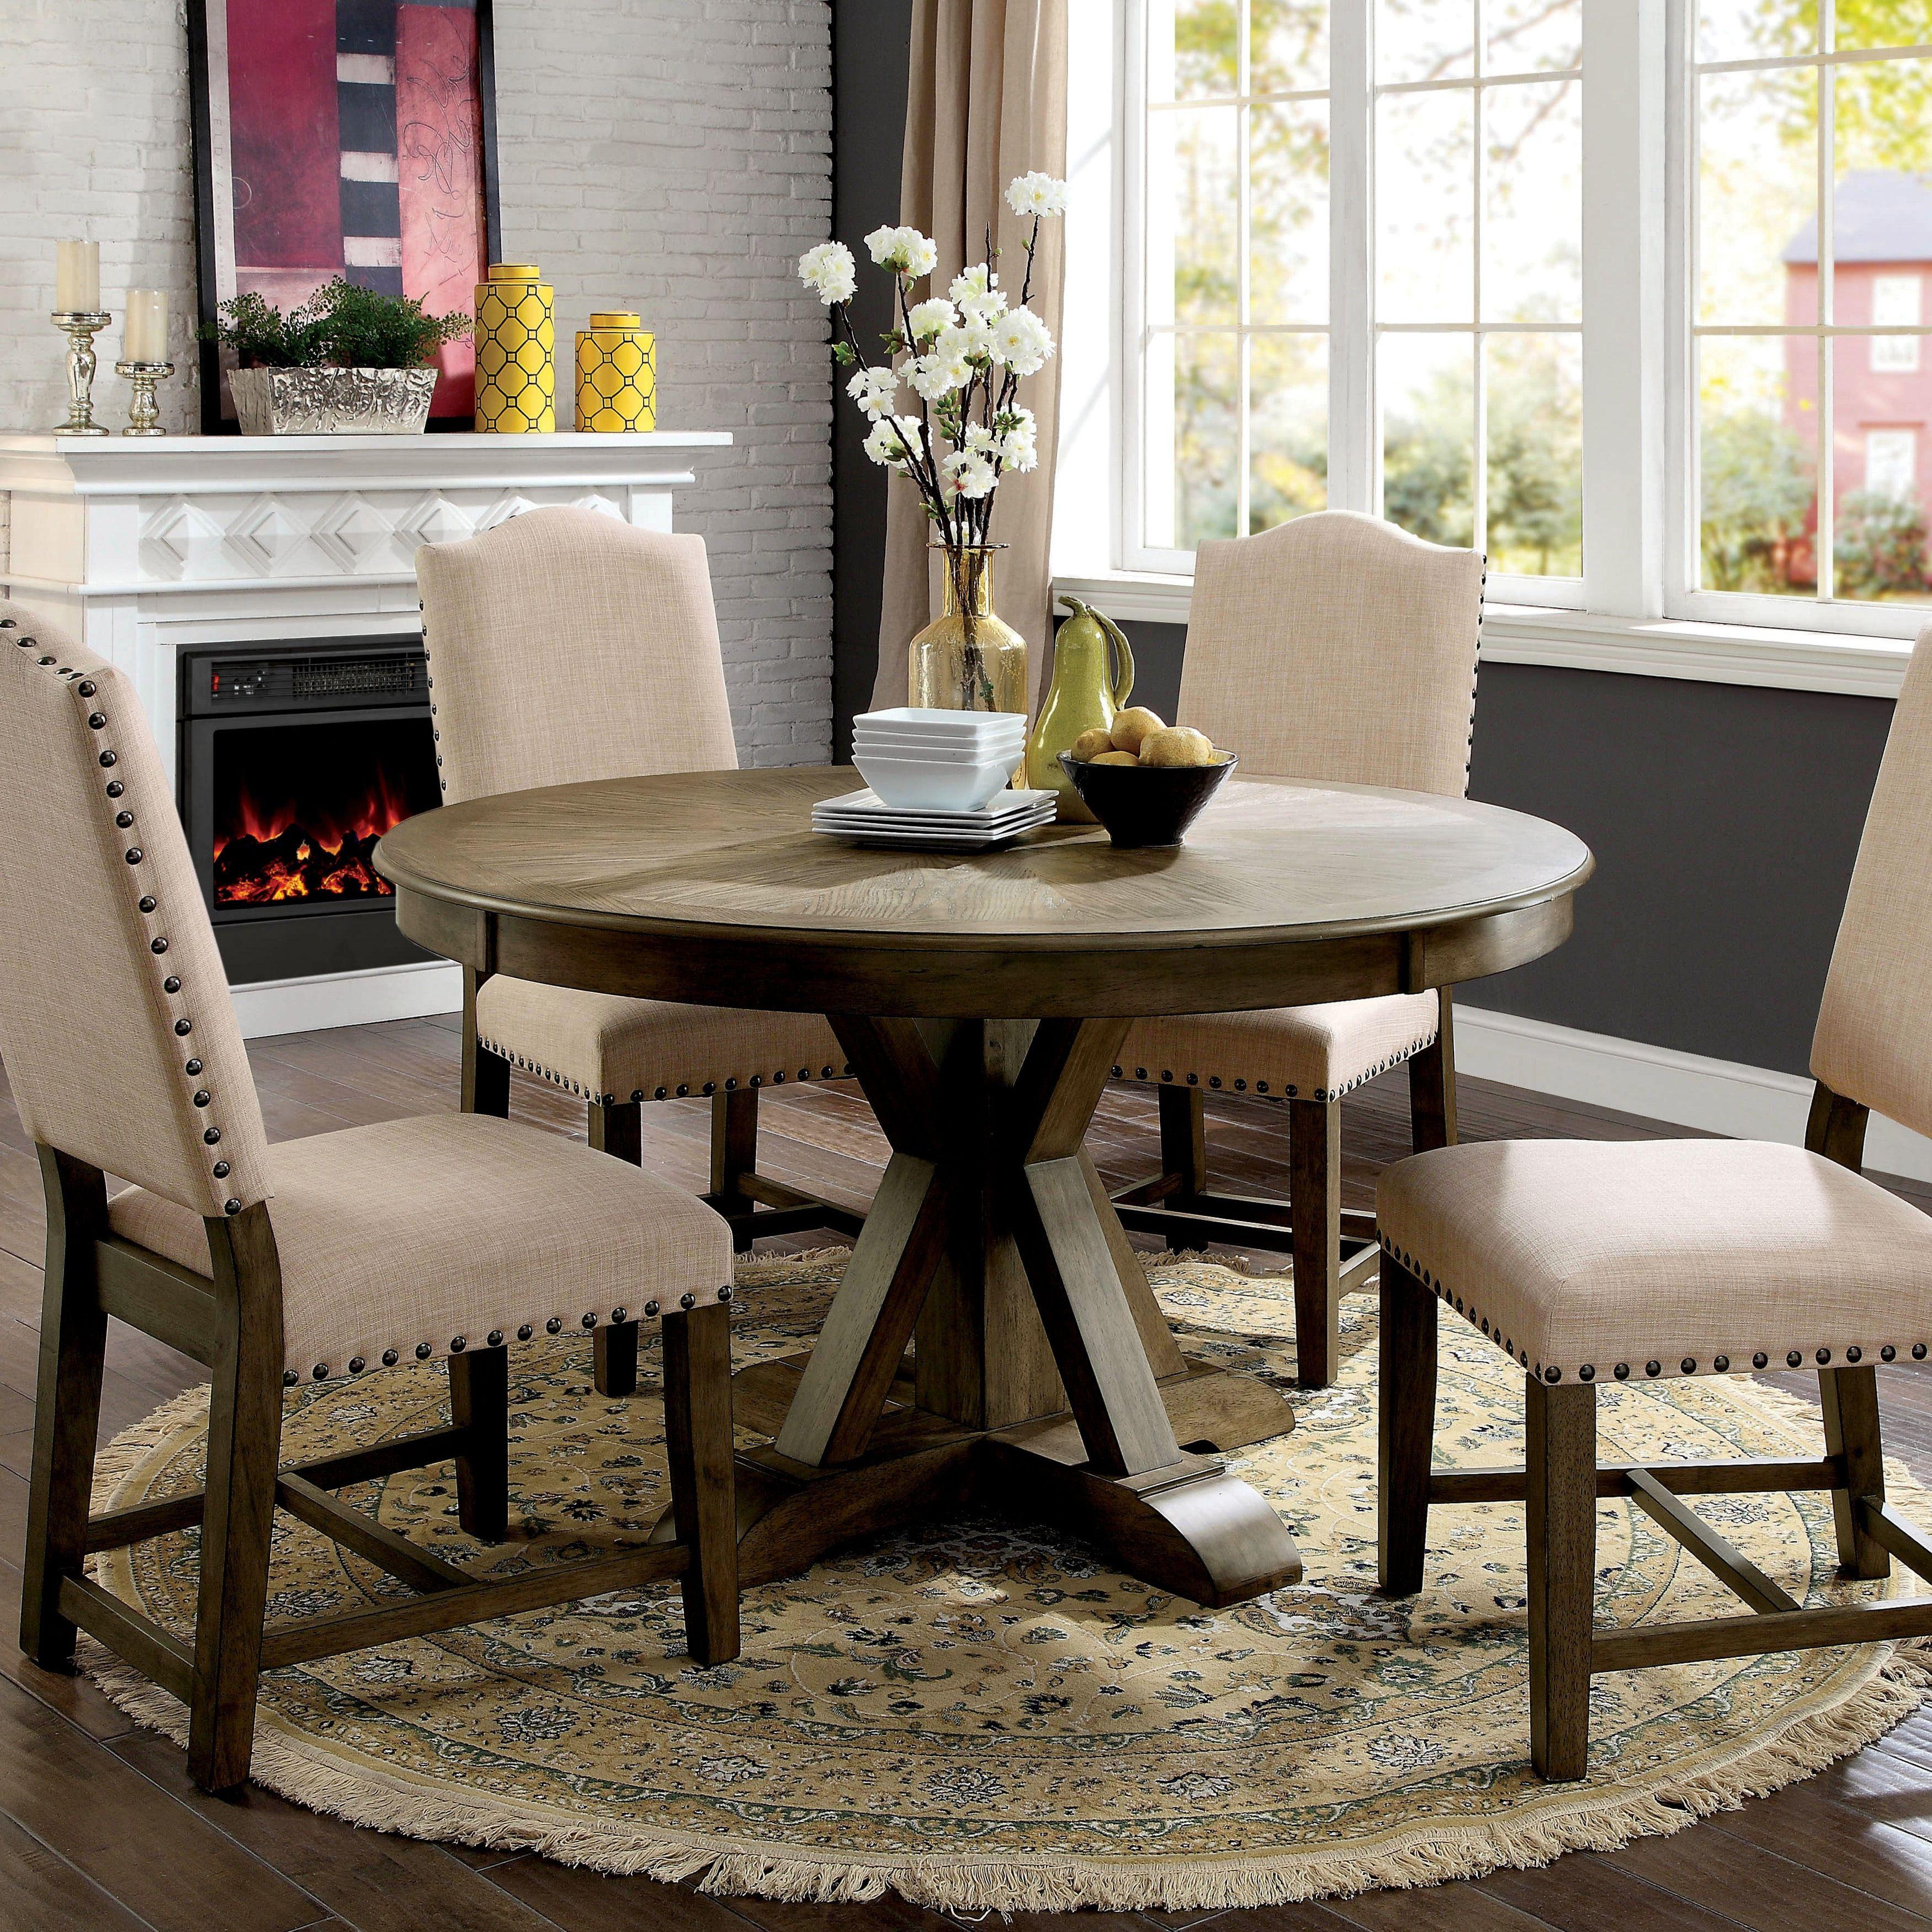 Furniture Of America Cooper Rustic Light Oak Round 54 Inch